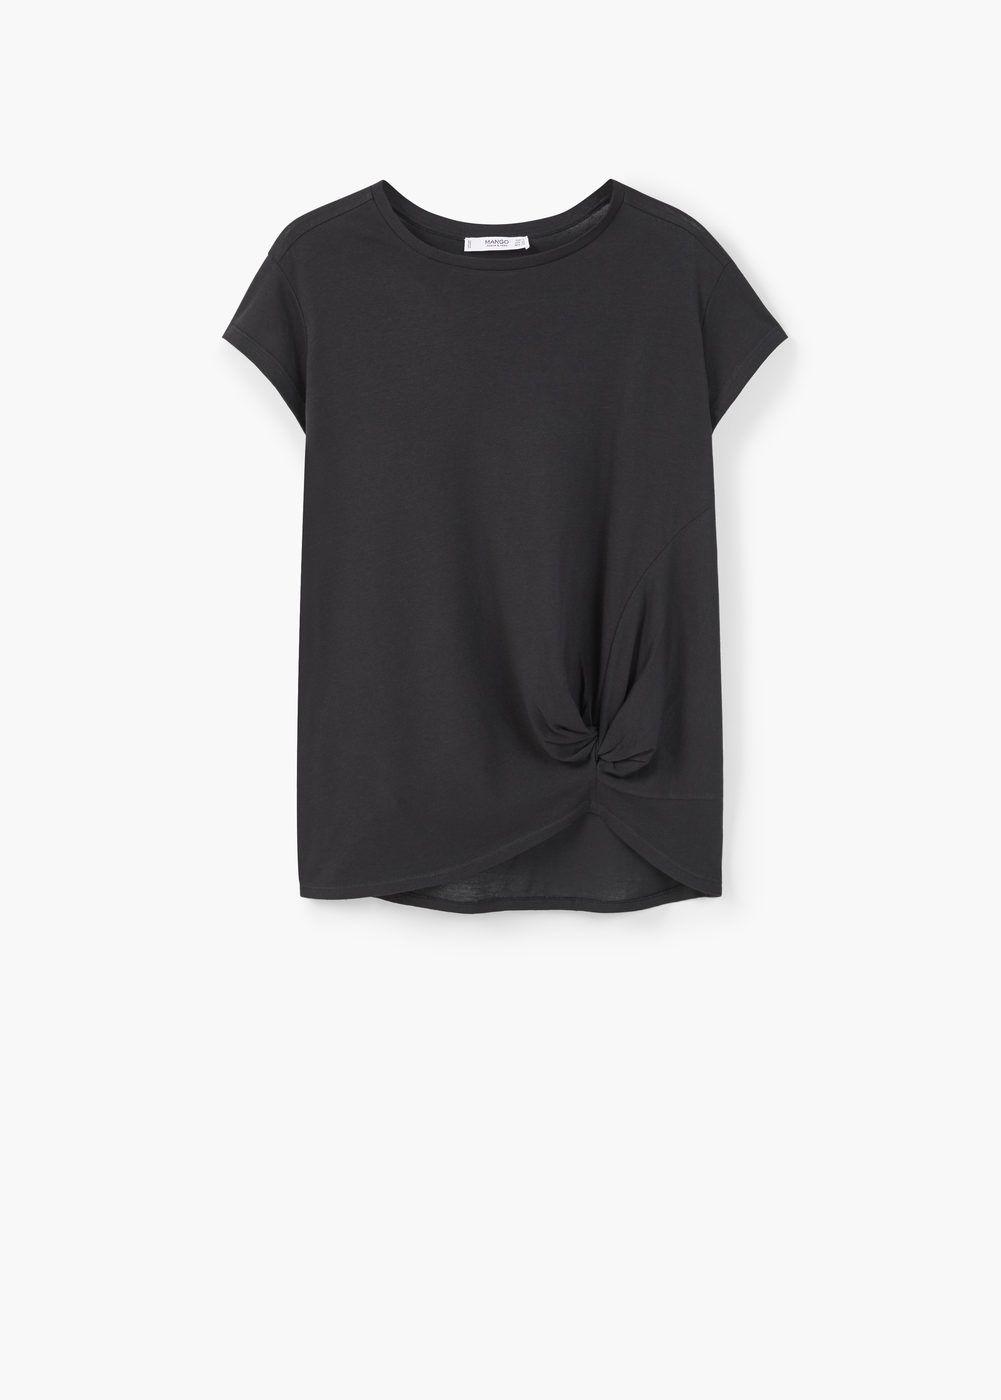 camiseta españa sudafrica